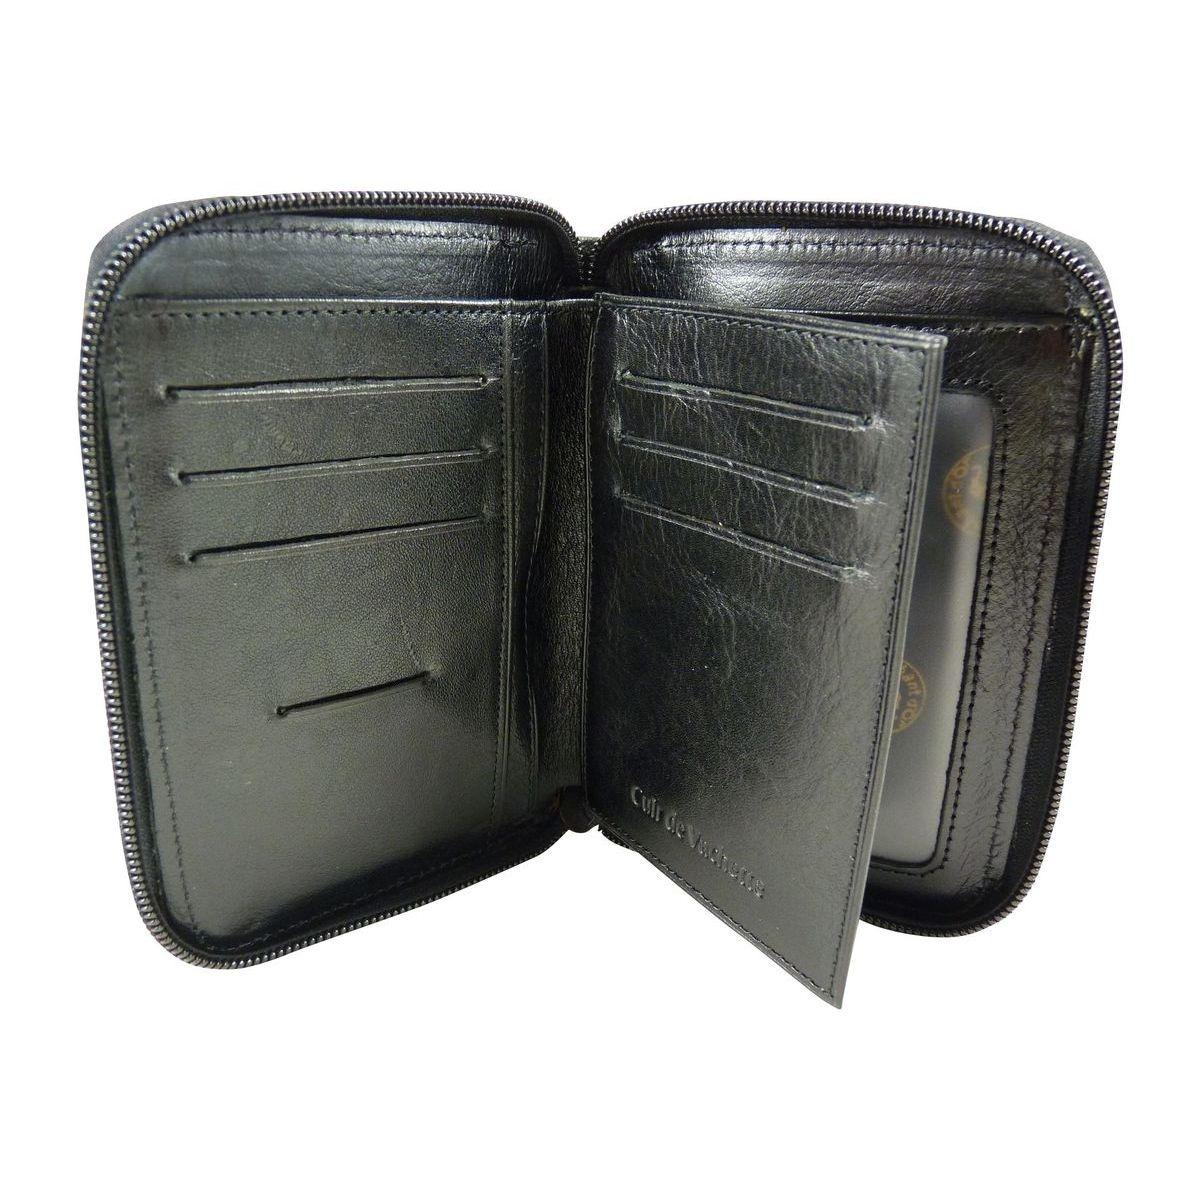 Portefeuille compact Zippé àFermeture éclair tout autour en Cuir